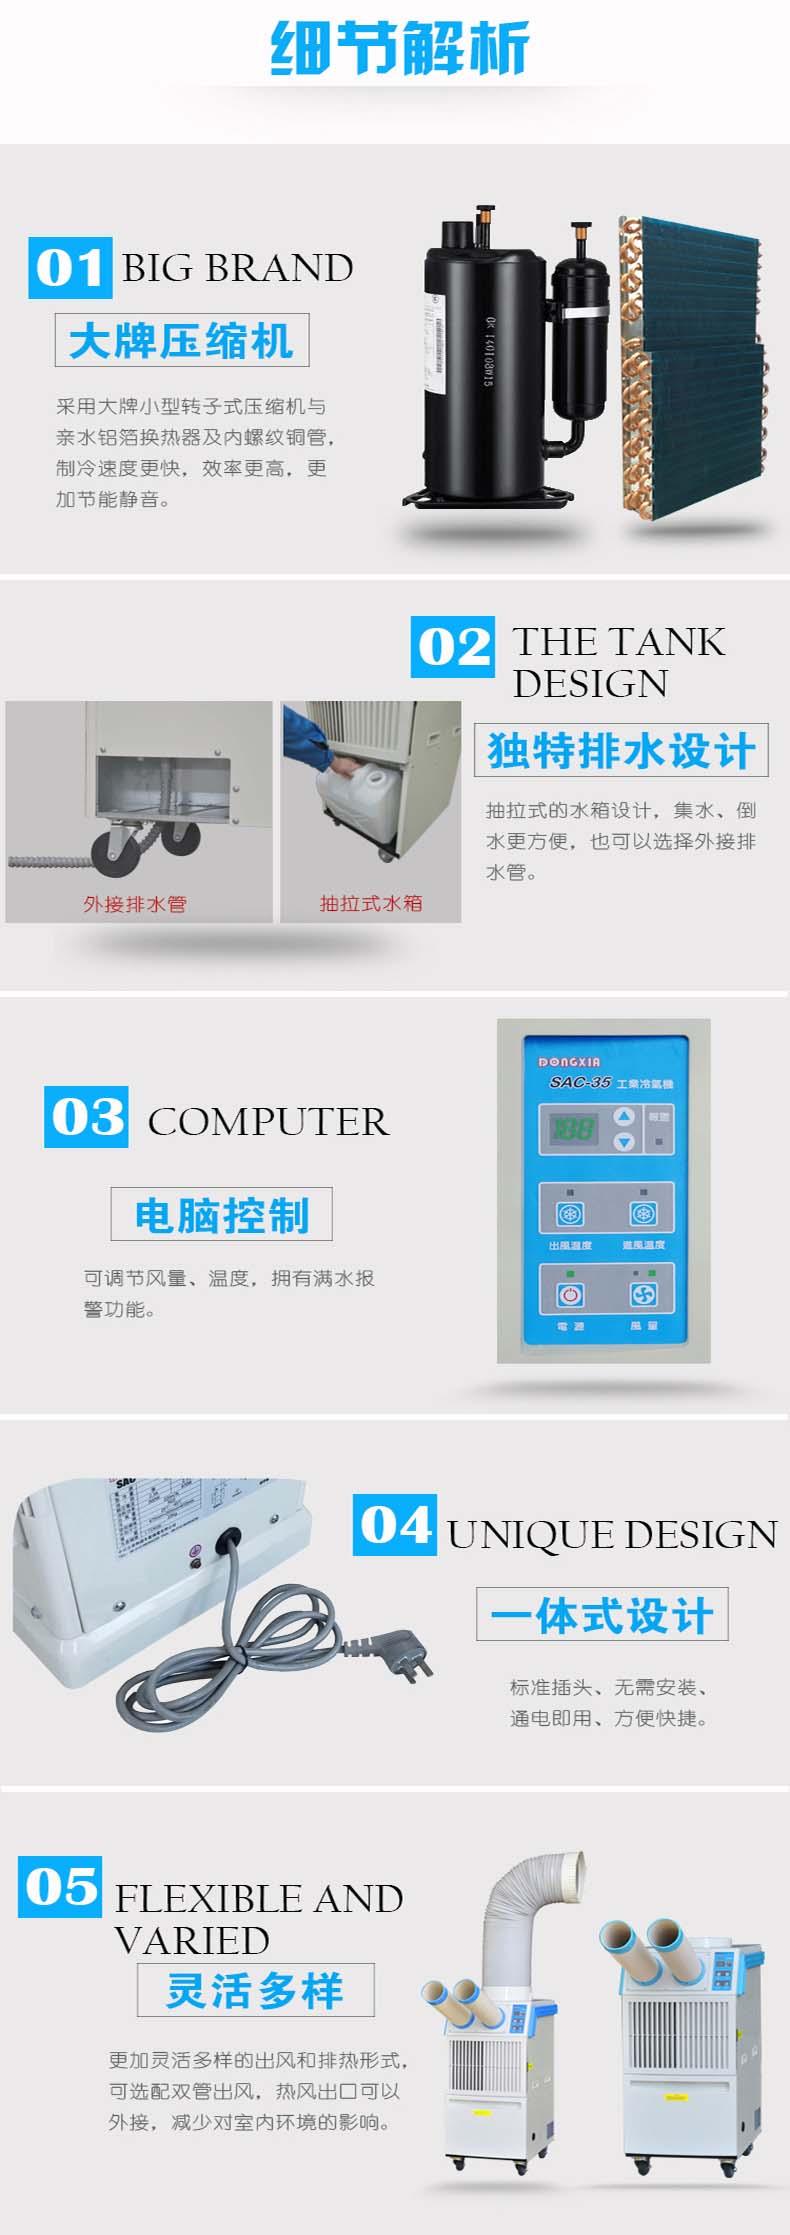 产品细节2.jpg